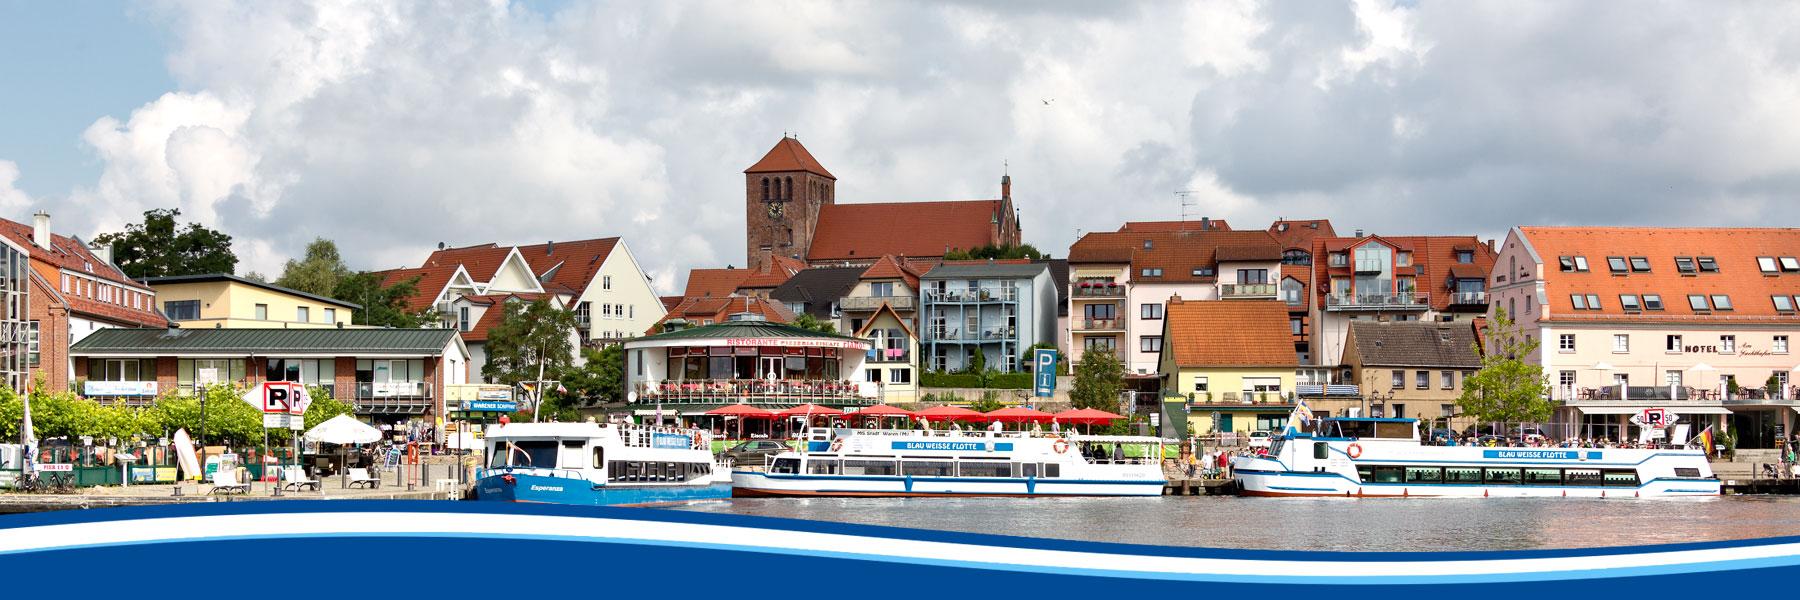 Waren Müritz - Blau Weisse Flotte Müritz & Seen in Waren